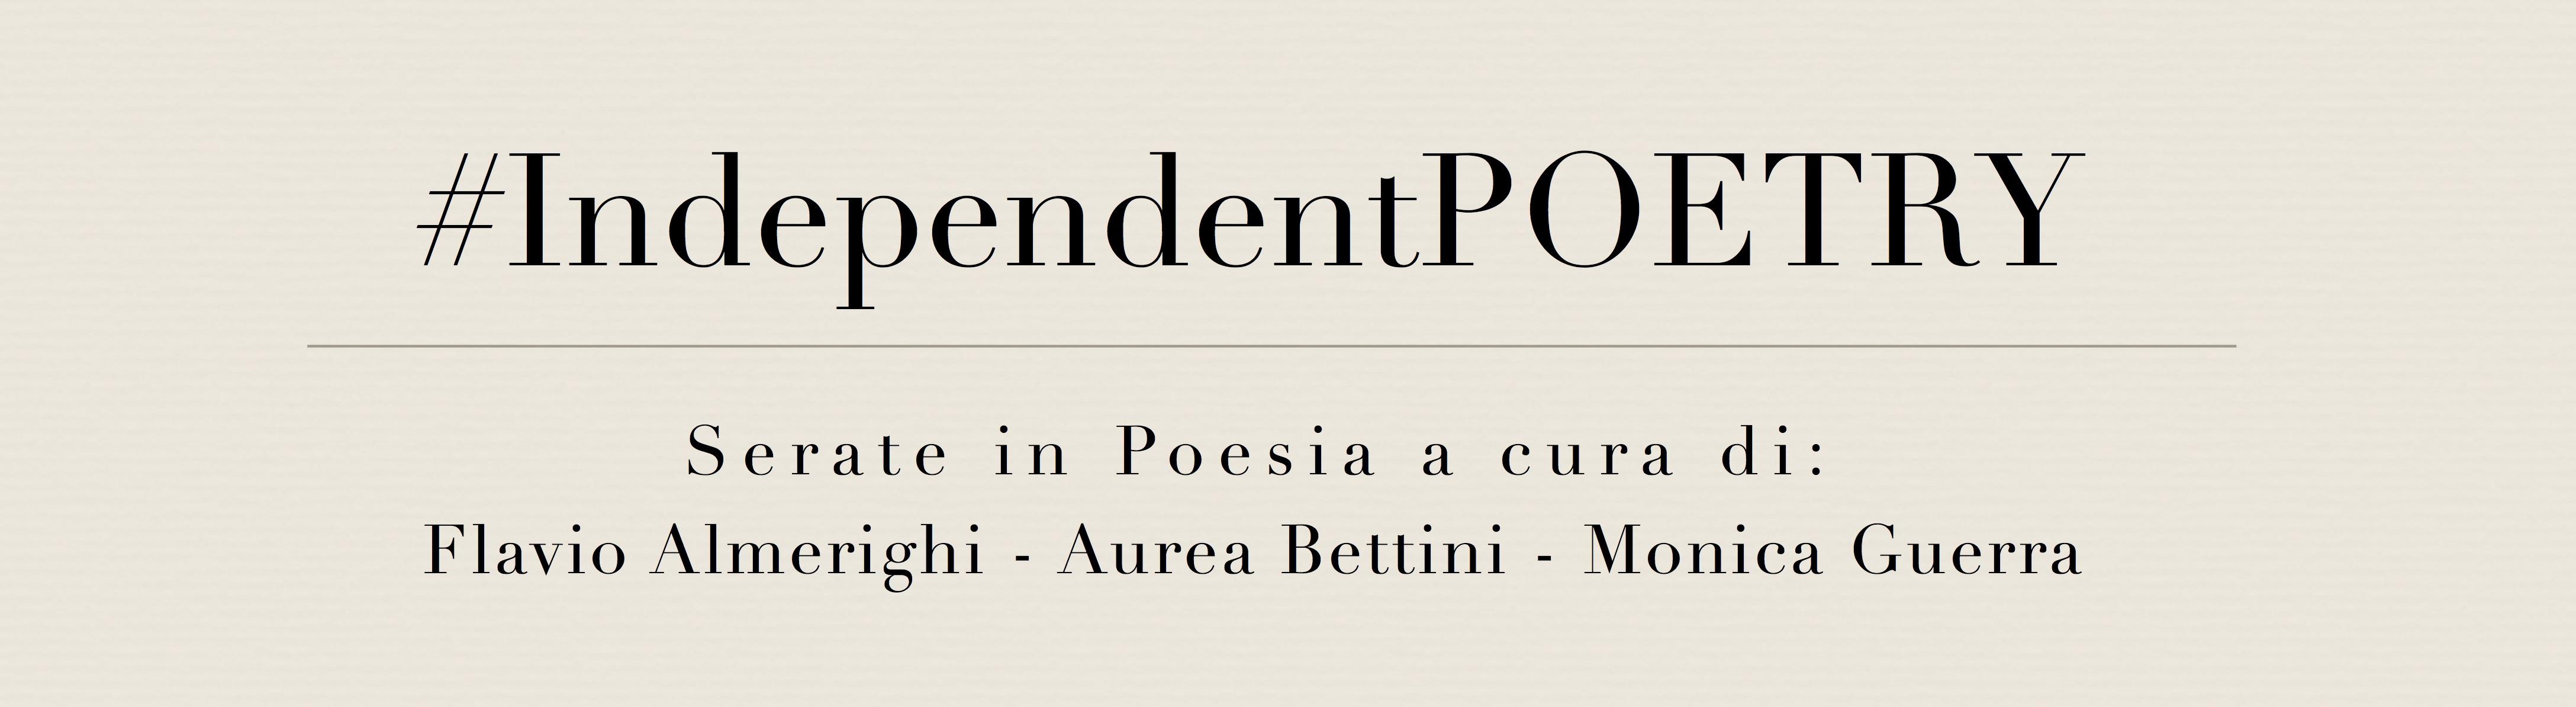 #IndependentPOETRY